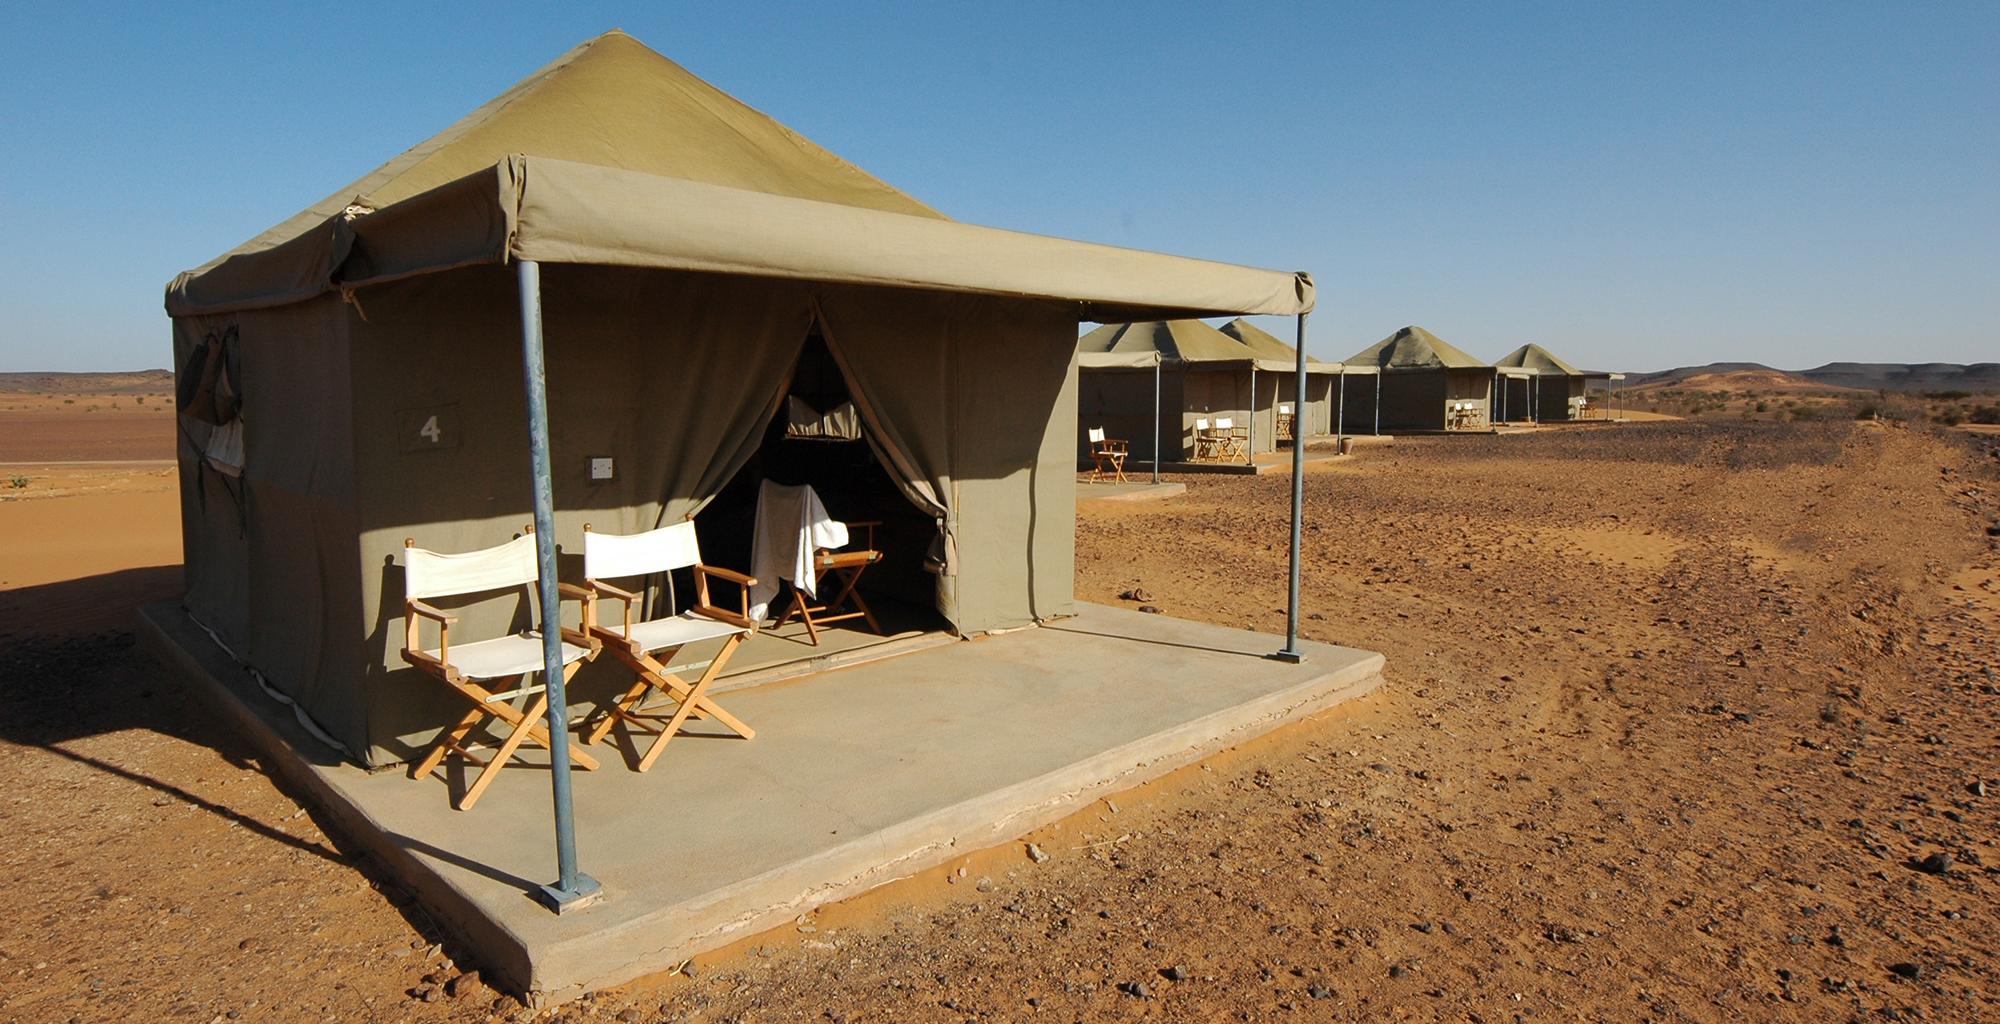 Sudan-Meroe-Tented-Camp-Exterior